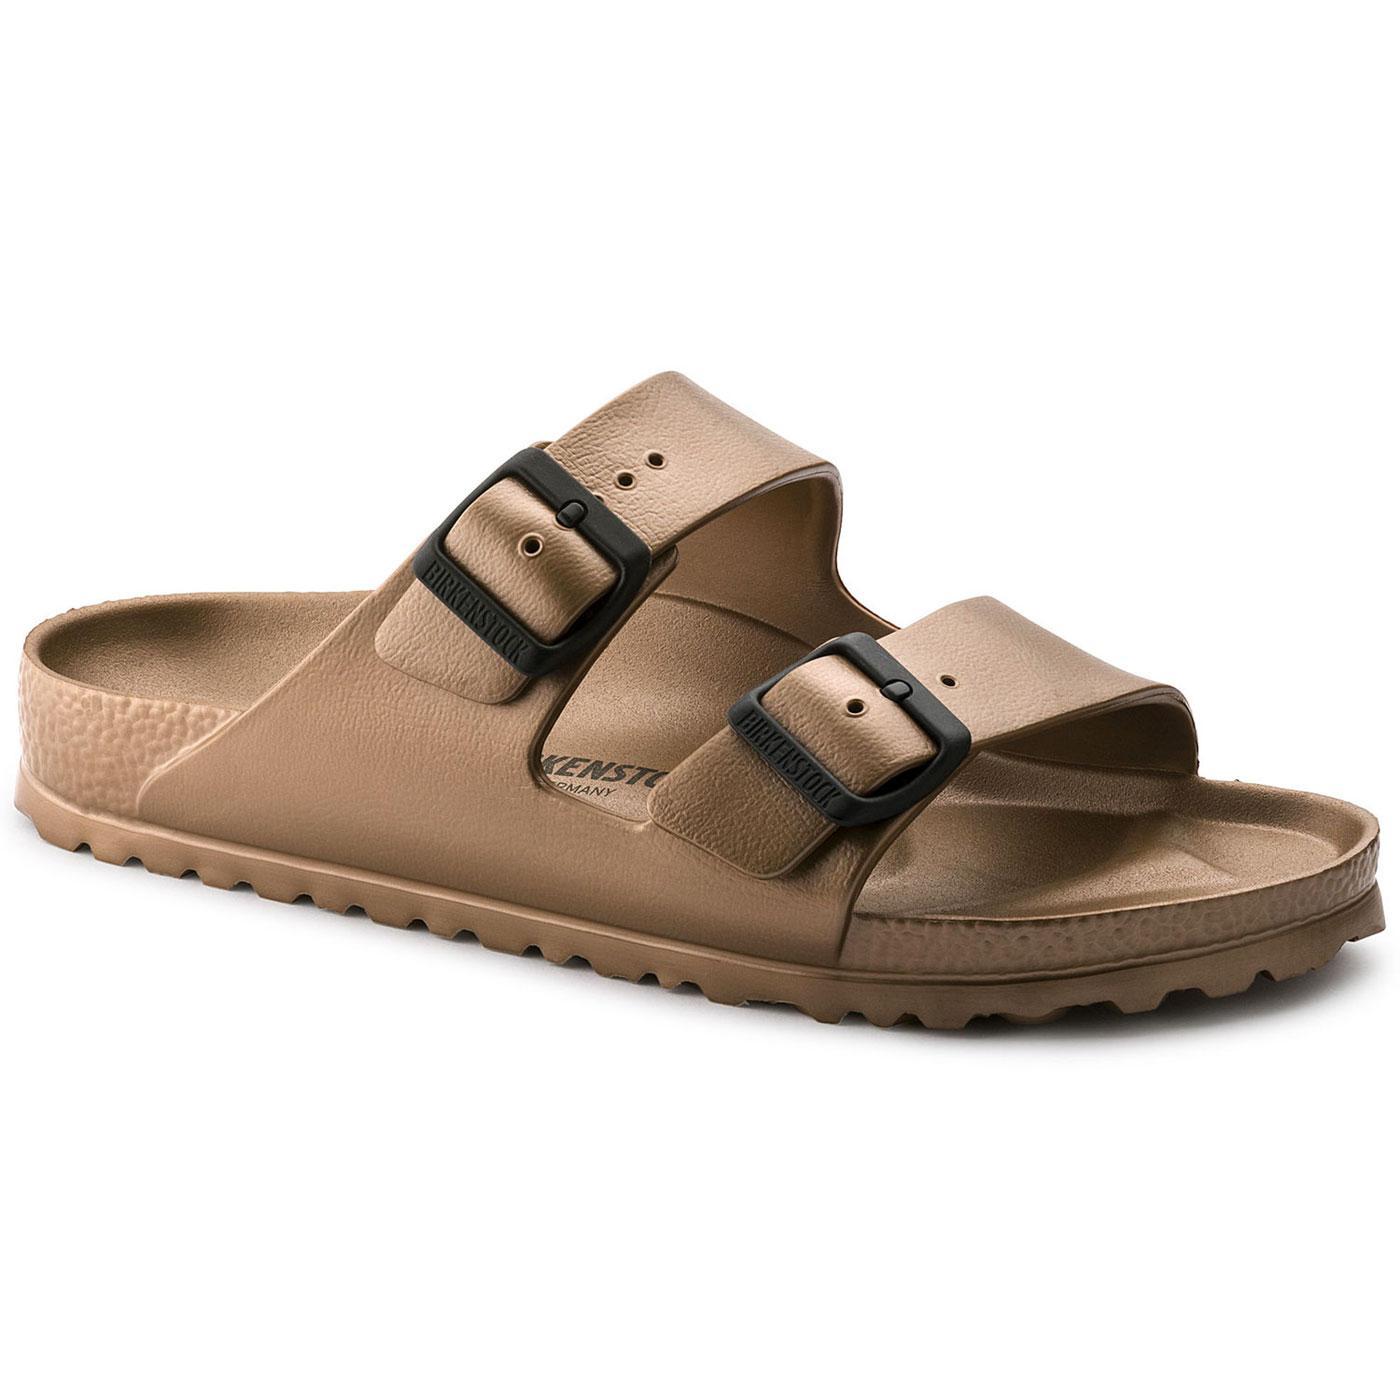 Arizona EVA BIRKENSTOCK Retro Waterproof Sandals C